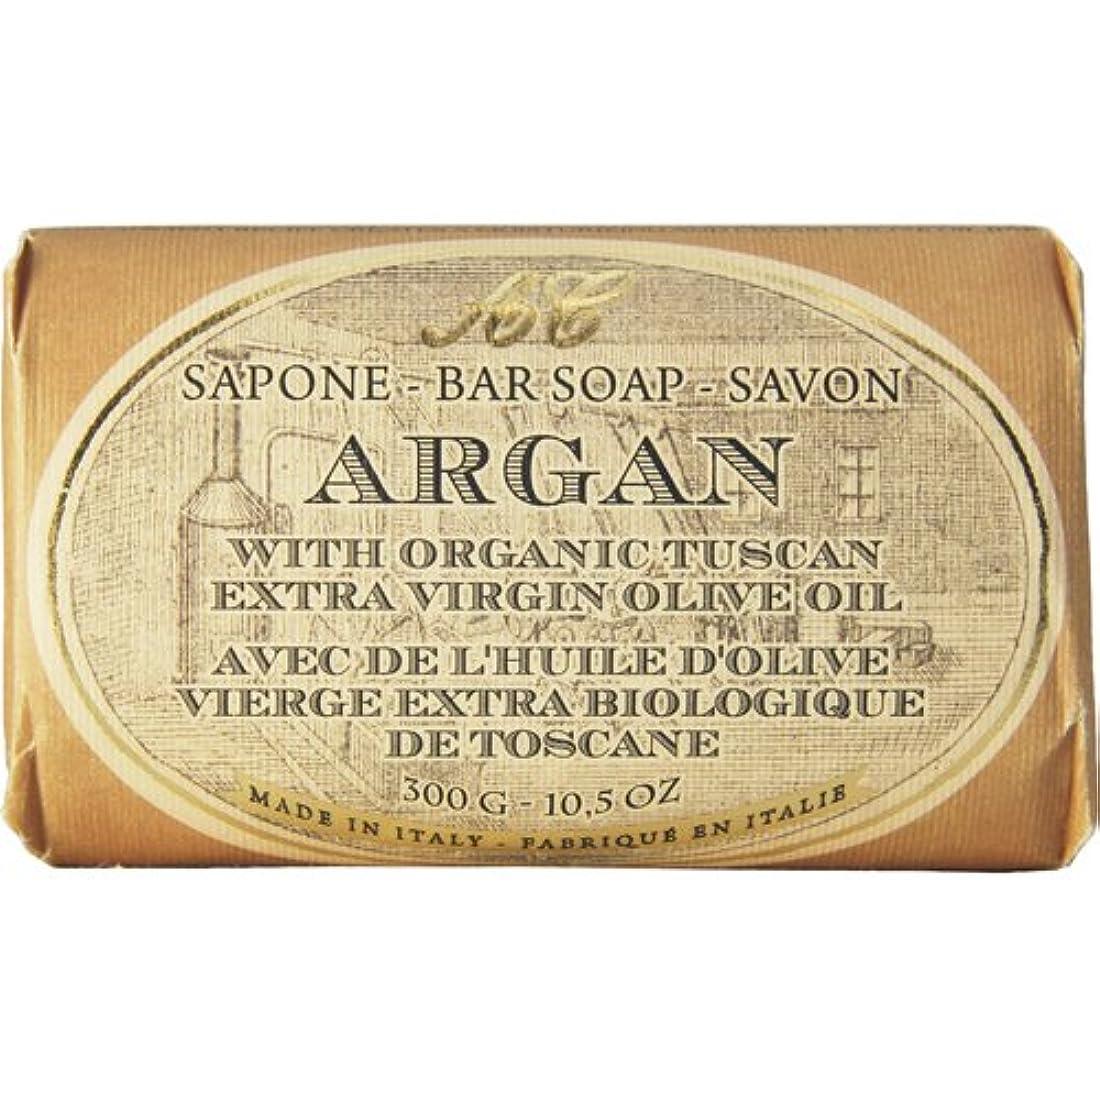 弓酸度アーカイブSaponerire Fissi レトロシリーズ Bar Soap バーソープ 300g Argan アルガンオイル